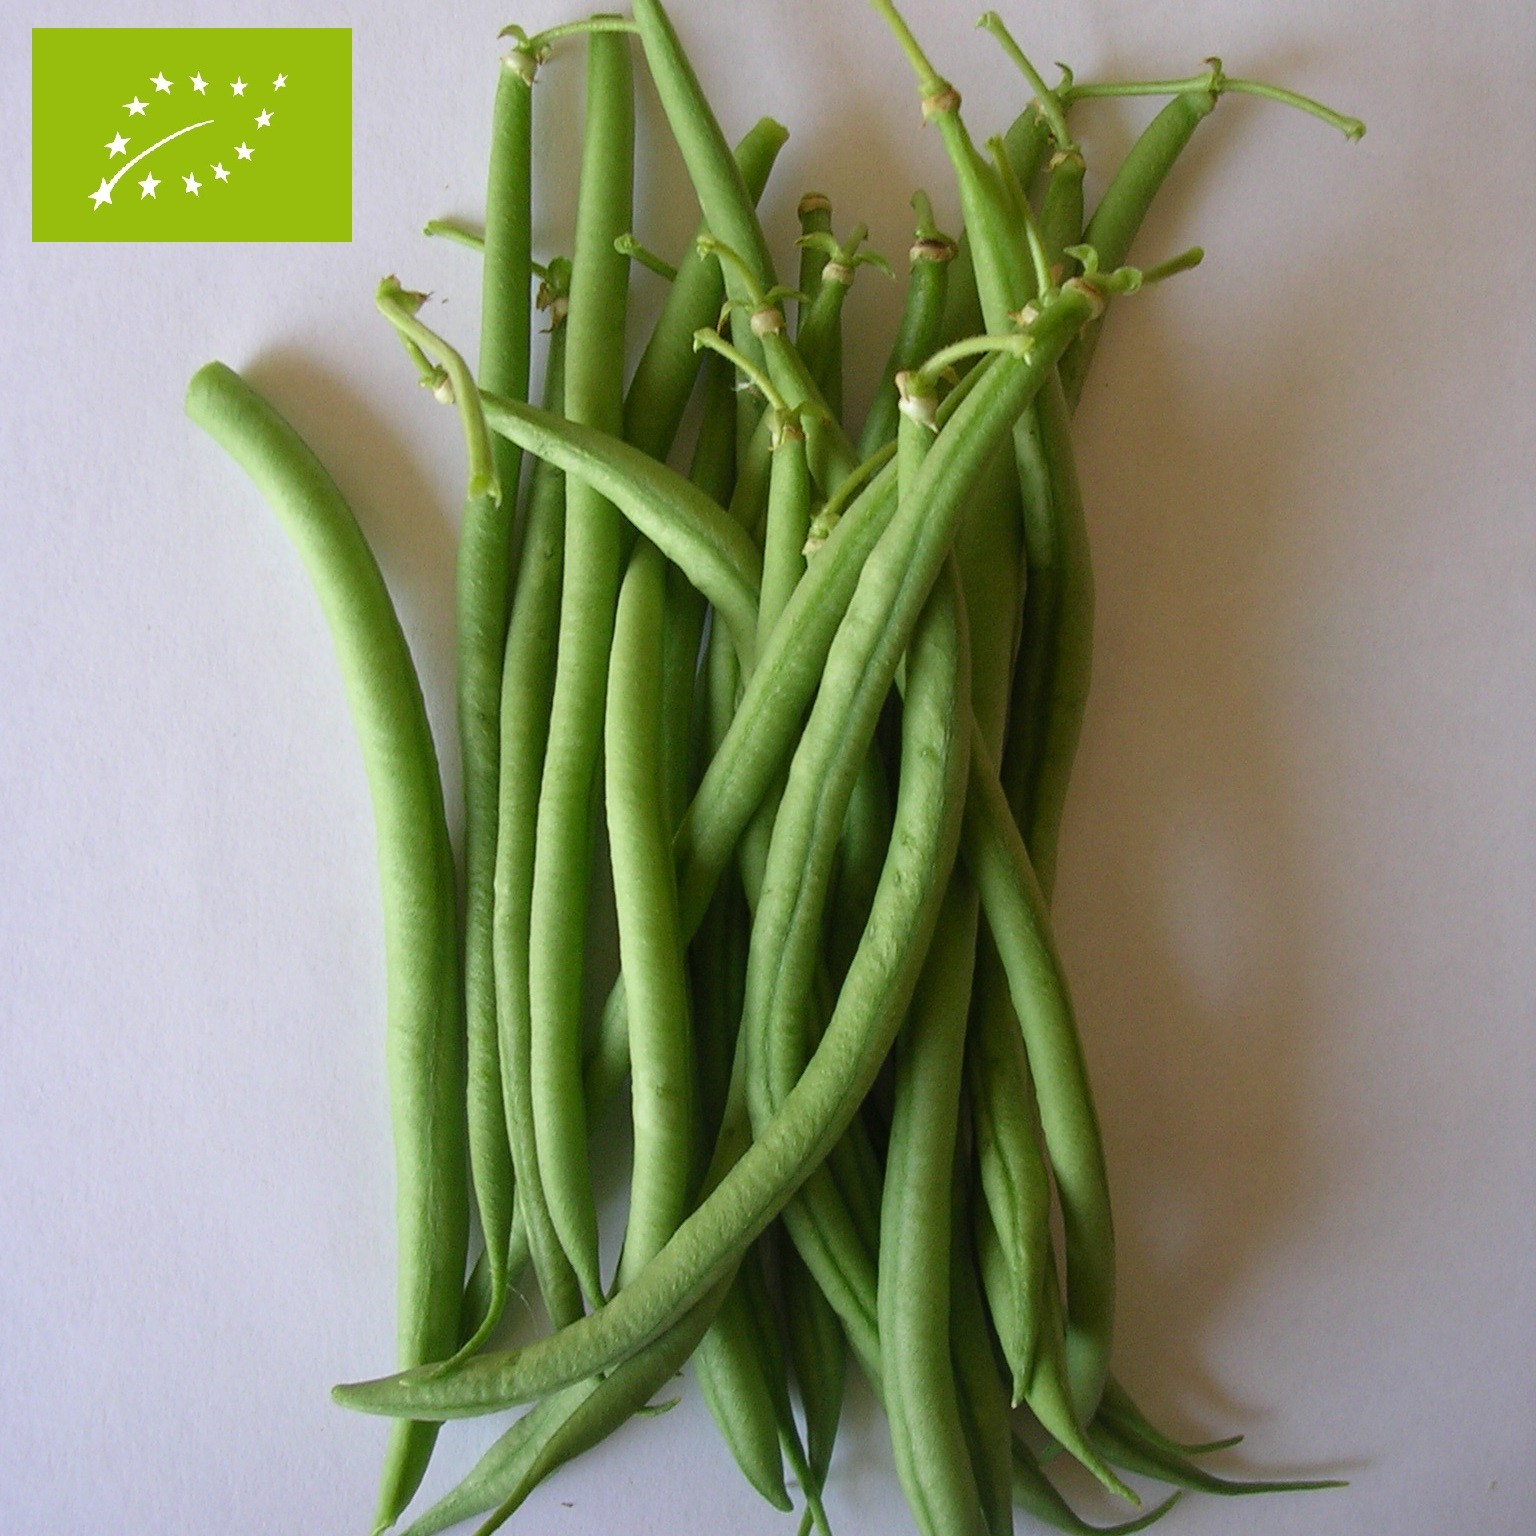 nos graines potagères de haricot nain aiguillon bio - la bonne graine